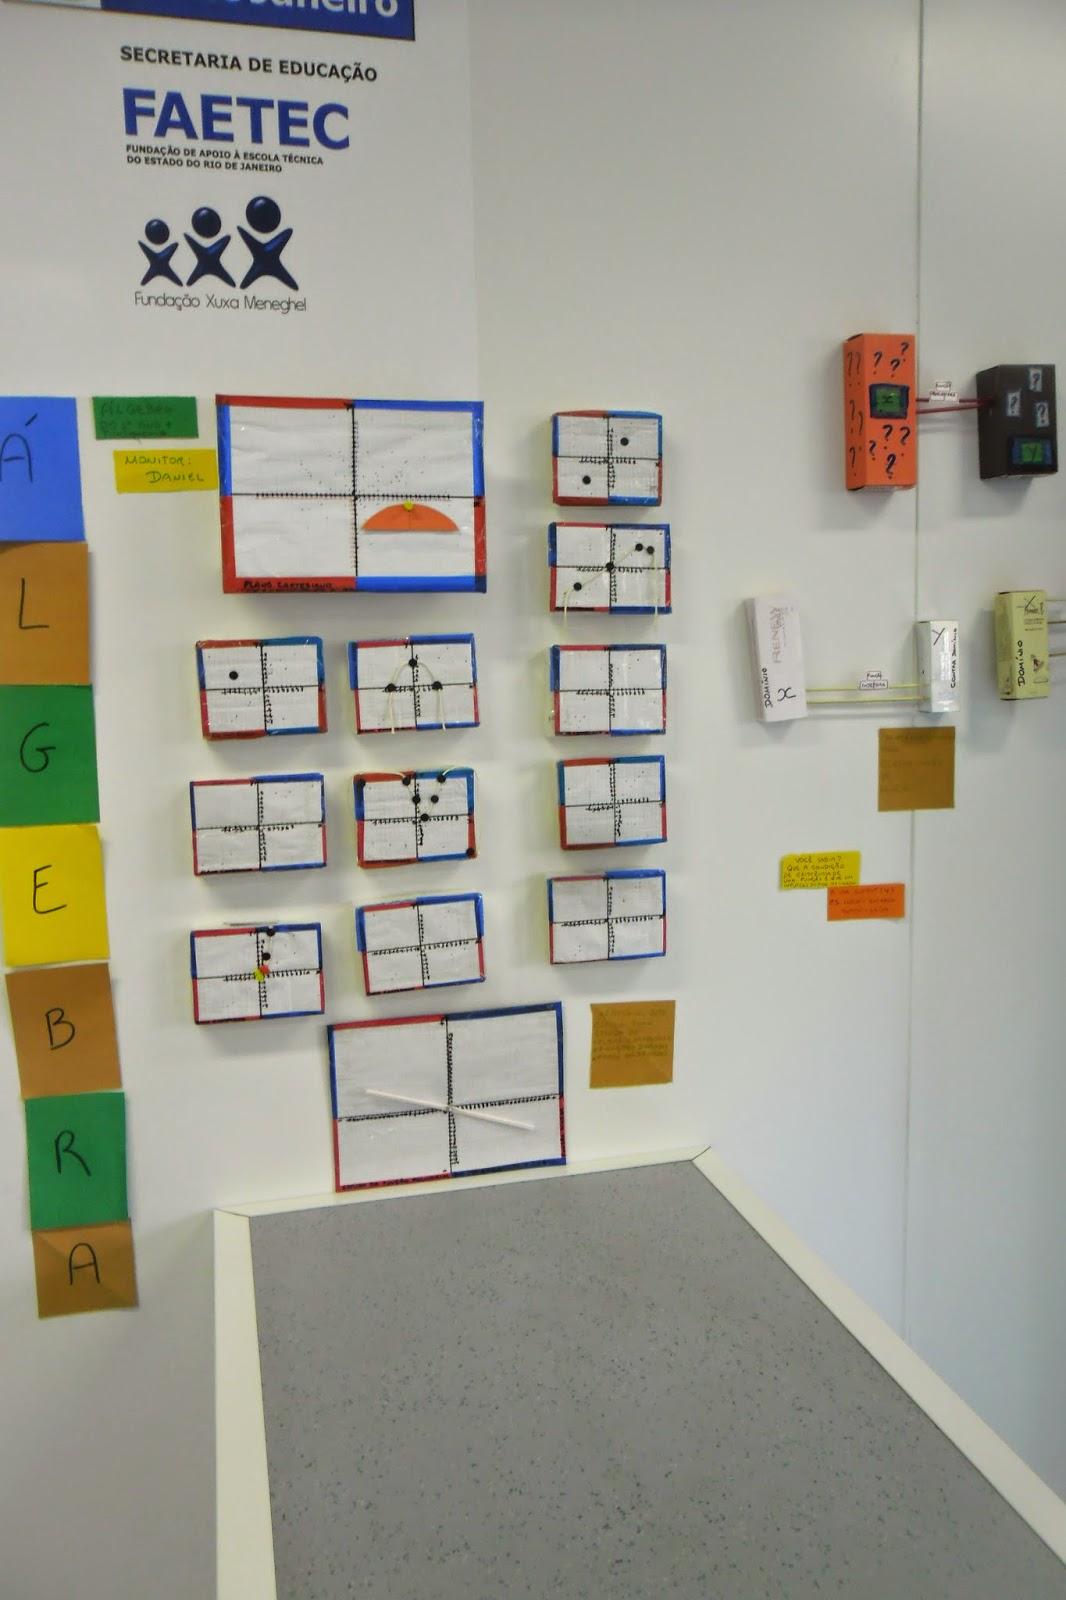 Estação 3: Álgebra -Geometria-Aritmética (Ênfase em Fundamentos e Álgebra do Ensino Médio)